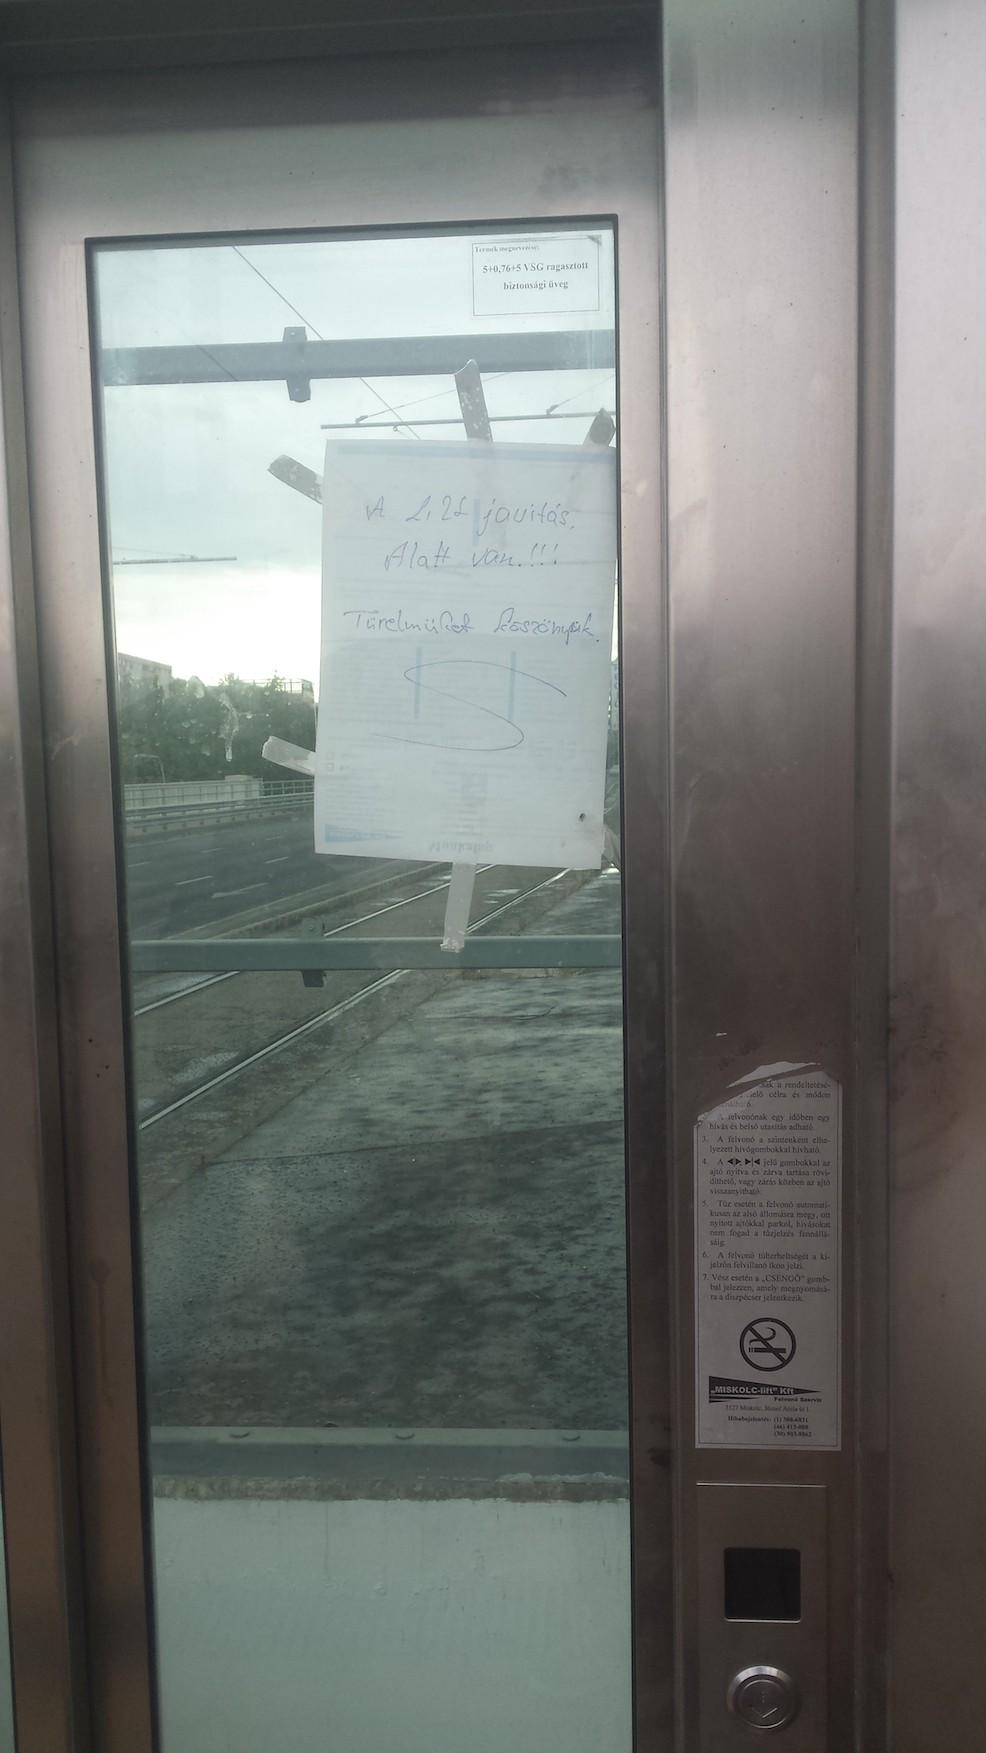 Elmúlt a vizes vb, elmúlt a liftkarbantartás